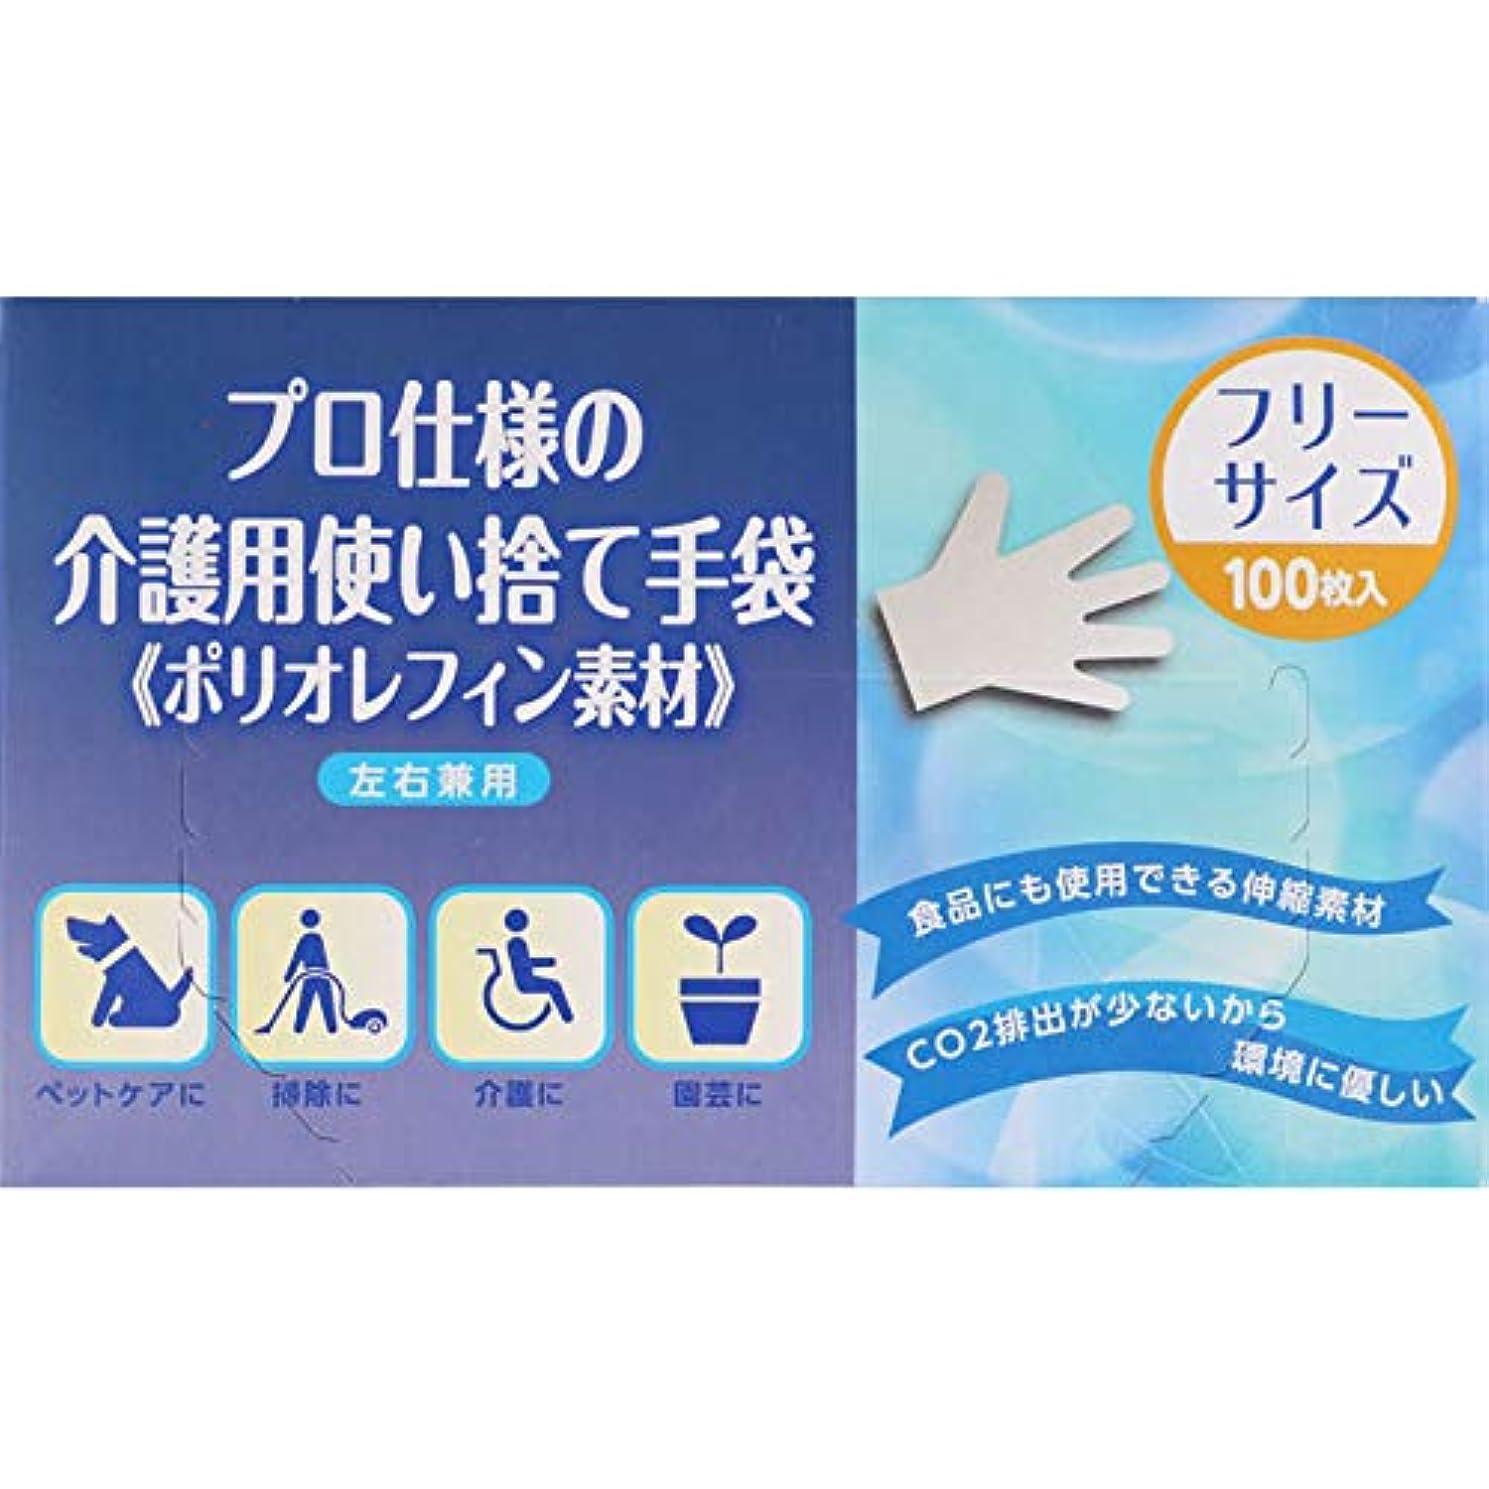 部屋を掃除する破壊代表する【5個セット】プロ仕様の介護用使い捨て手袋《ポリオレフィン素材》 100枚